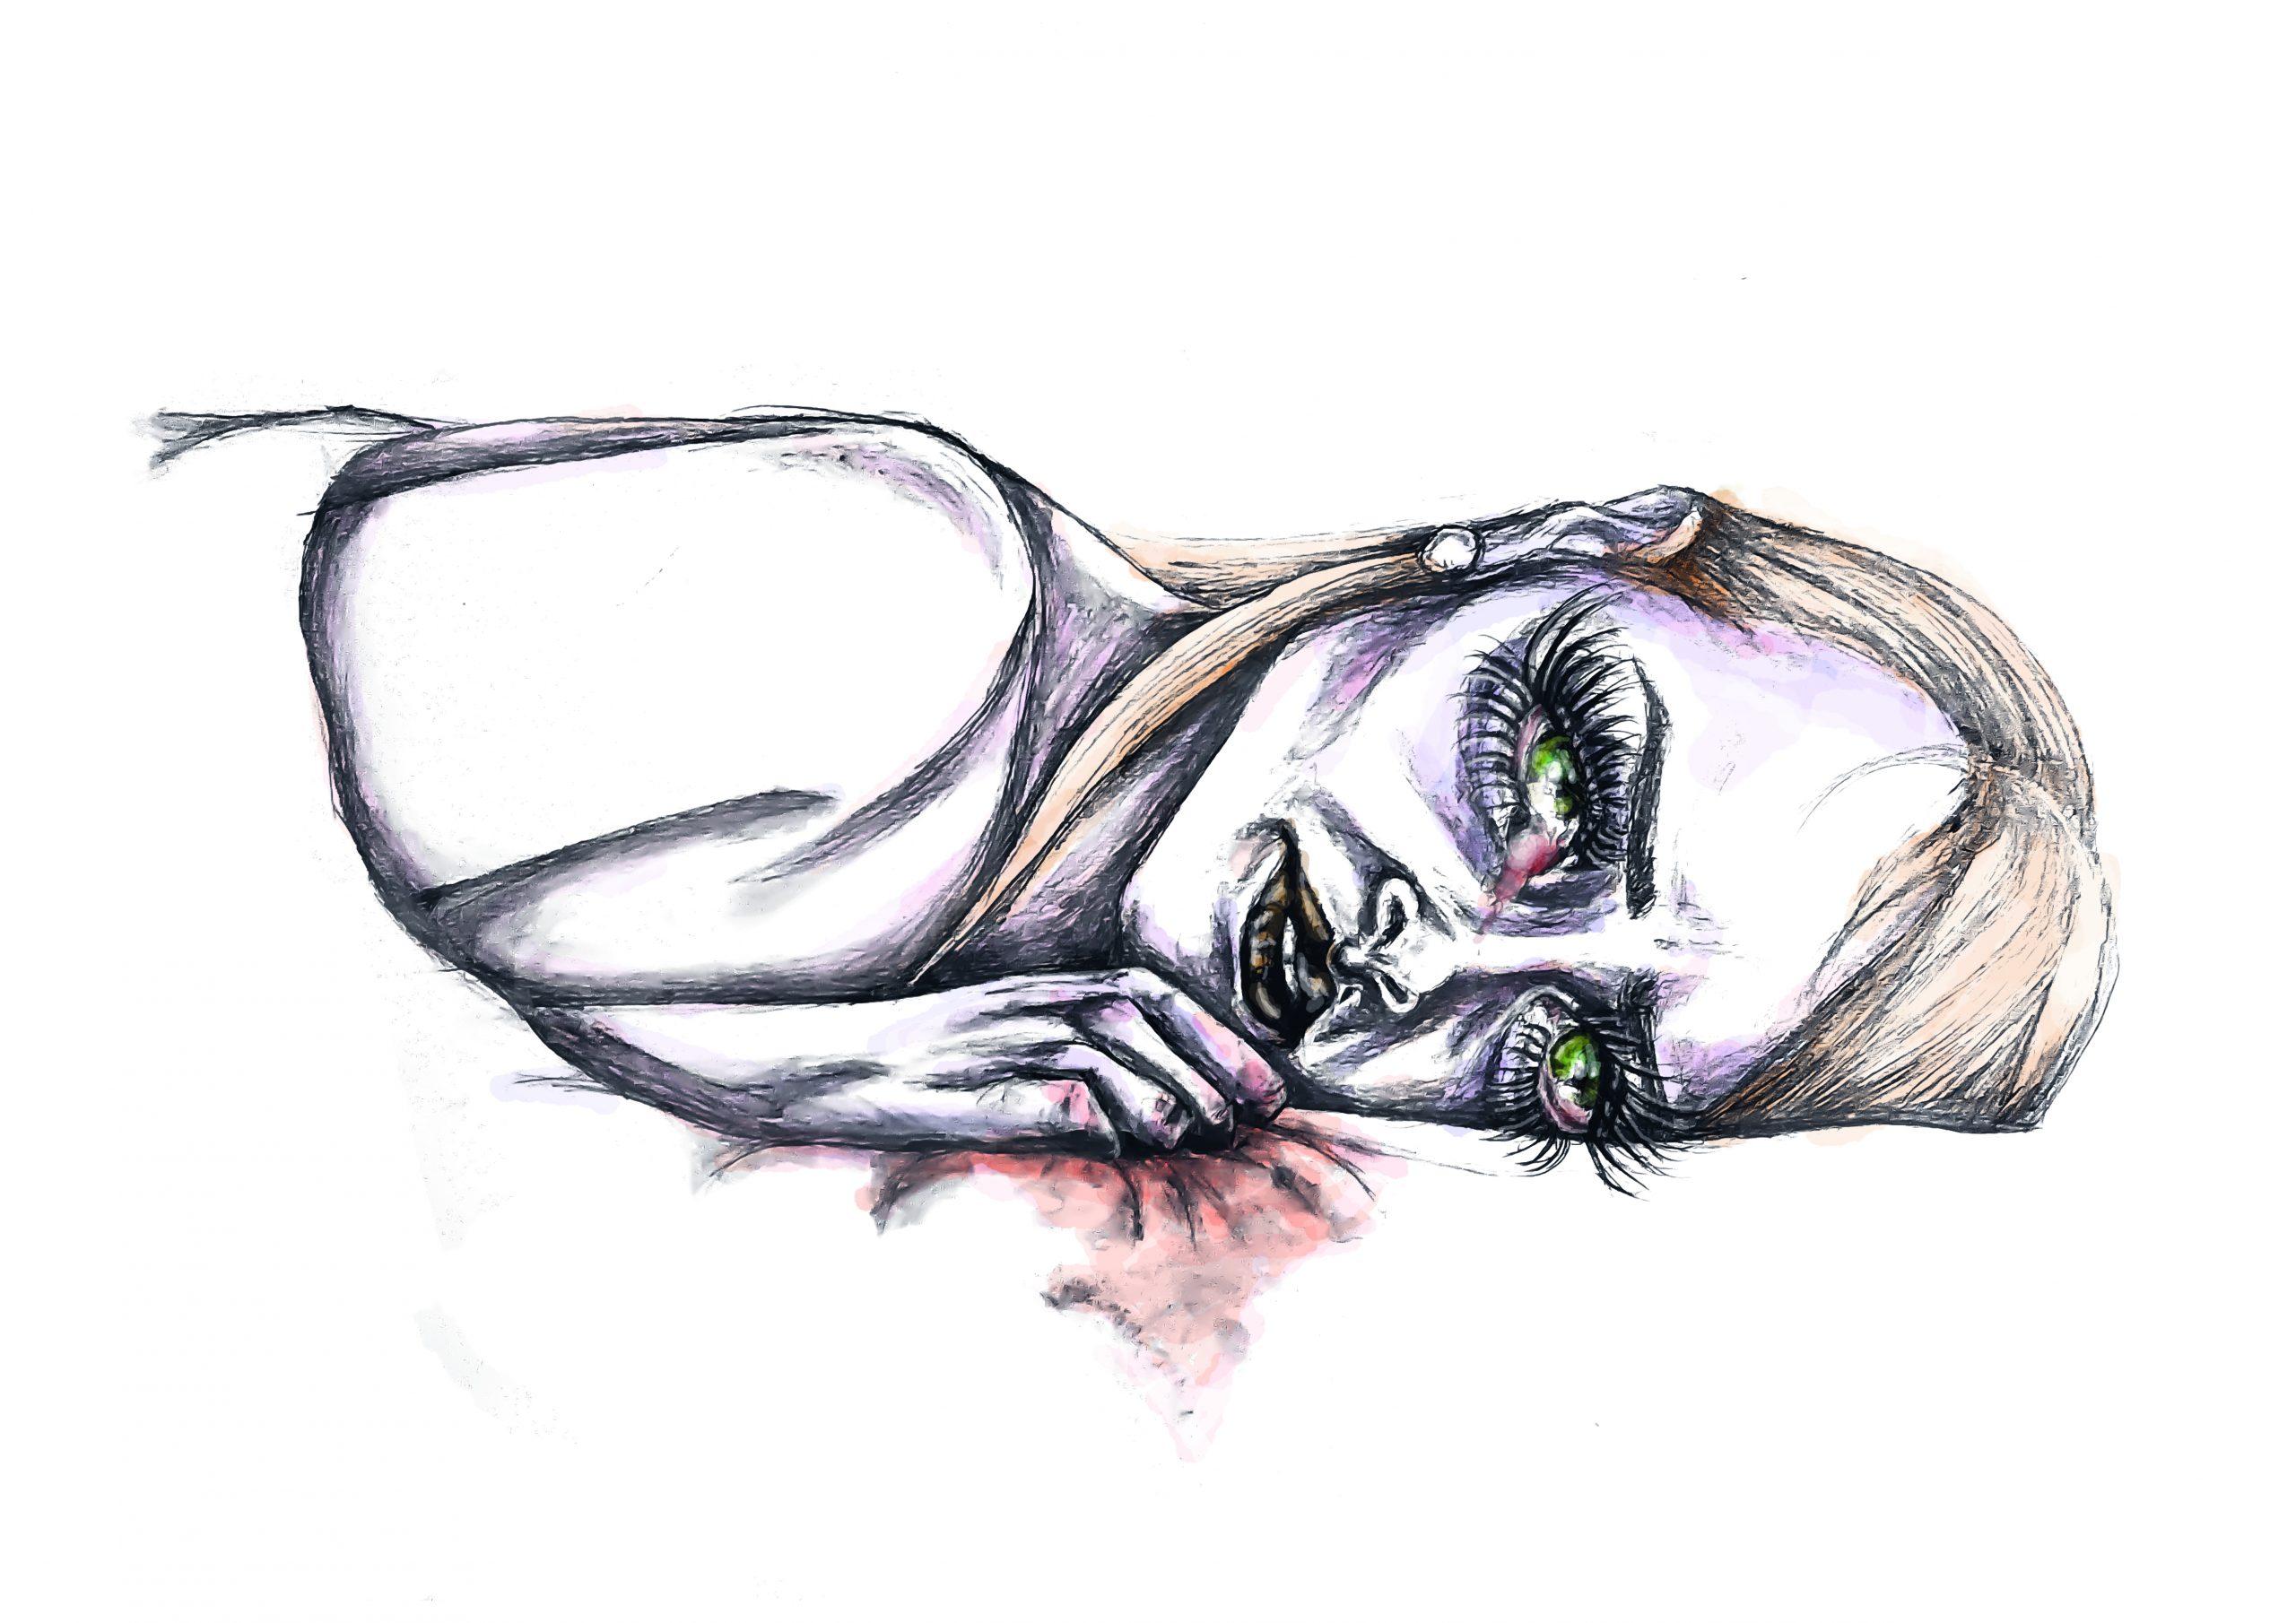 Insomnio stamina ilustracion sara sanchez un mal trago libro